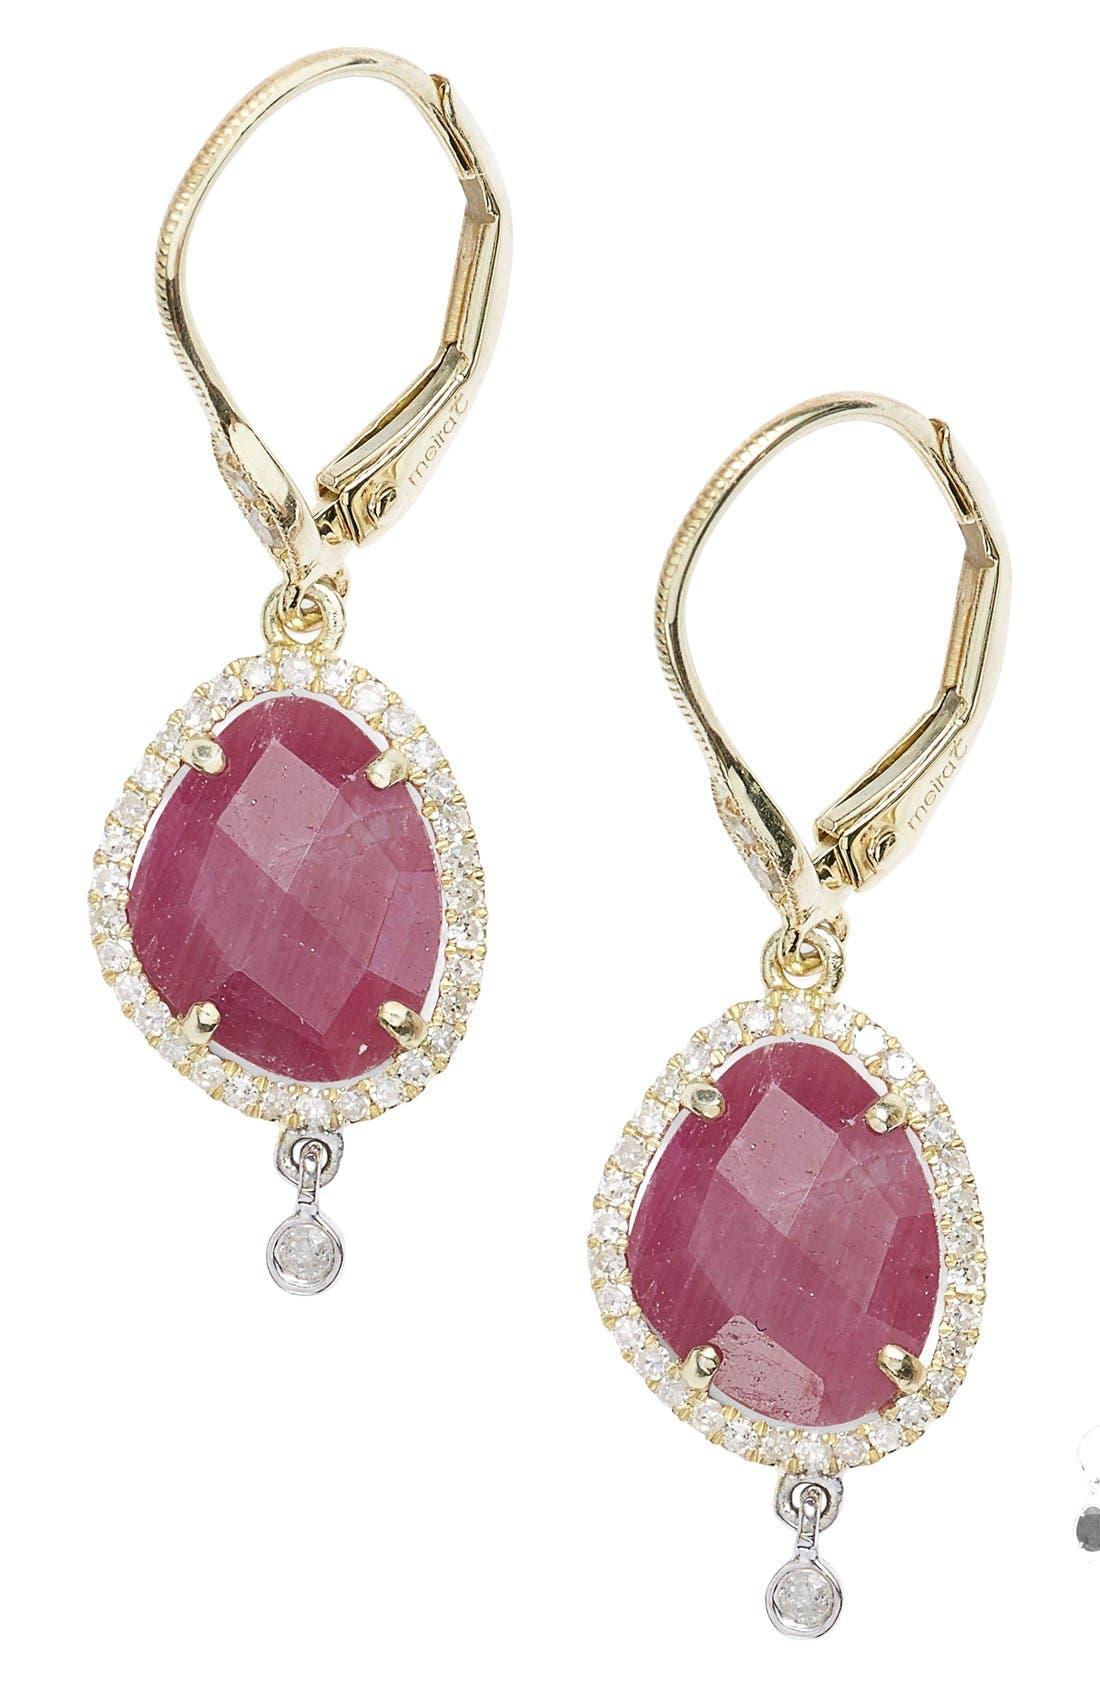 Diamond & Semiprecious Stone Drop Earrings,                             Main thumbnail 4, color,